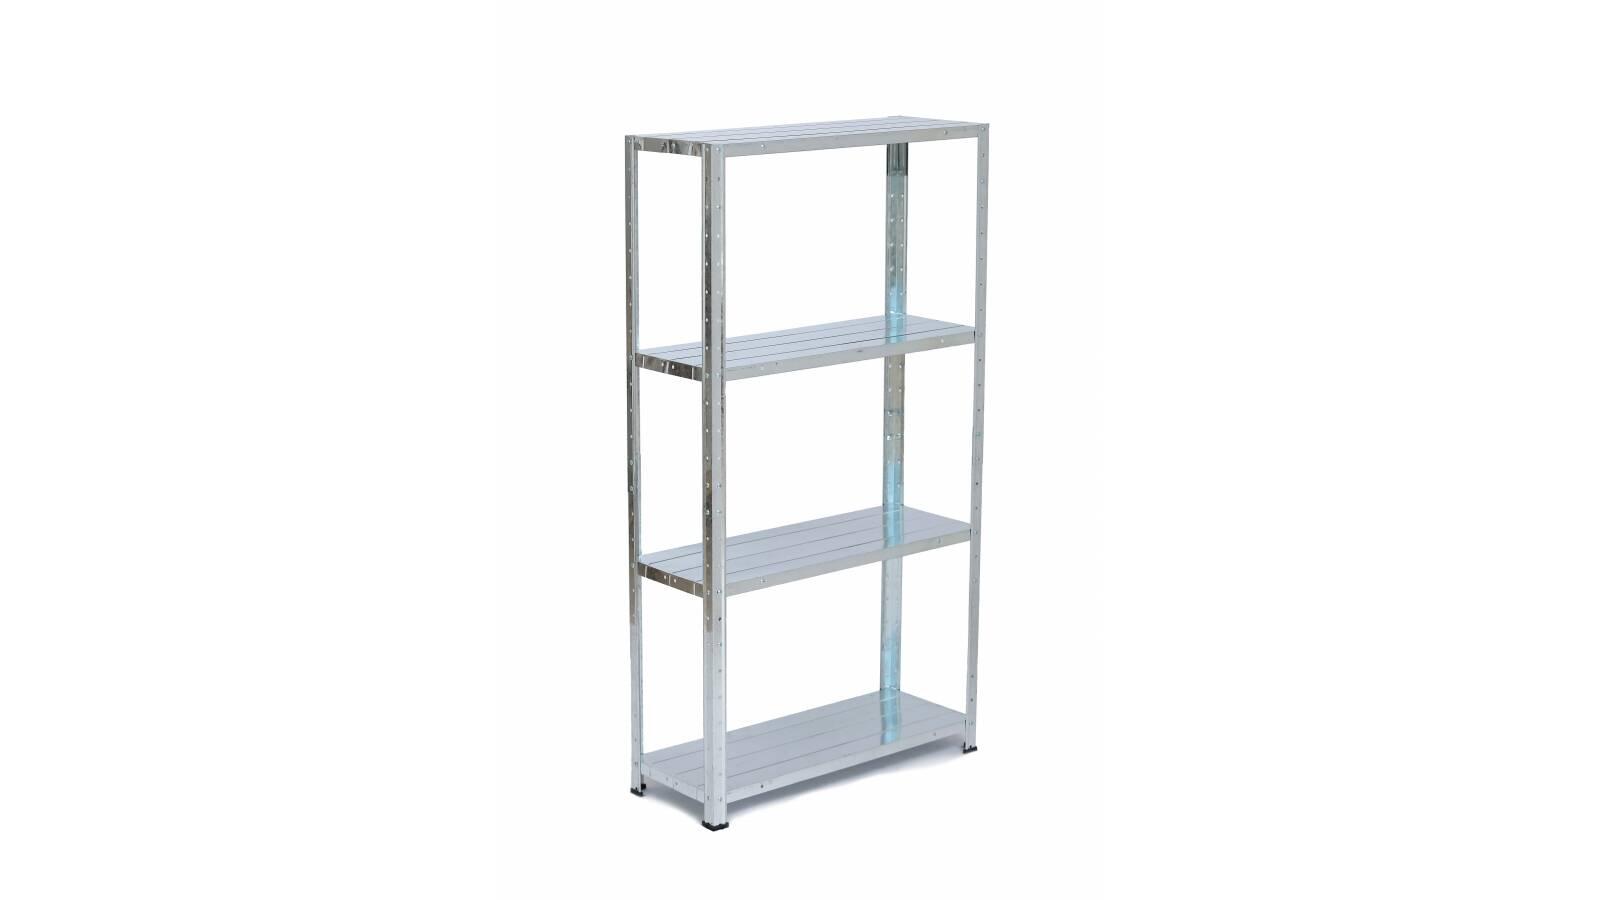 Estantería metálica baja - 4 estantes galvanizada